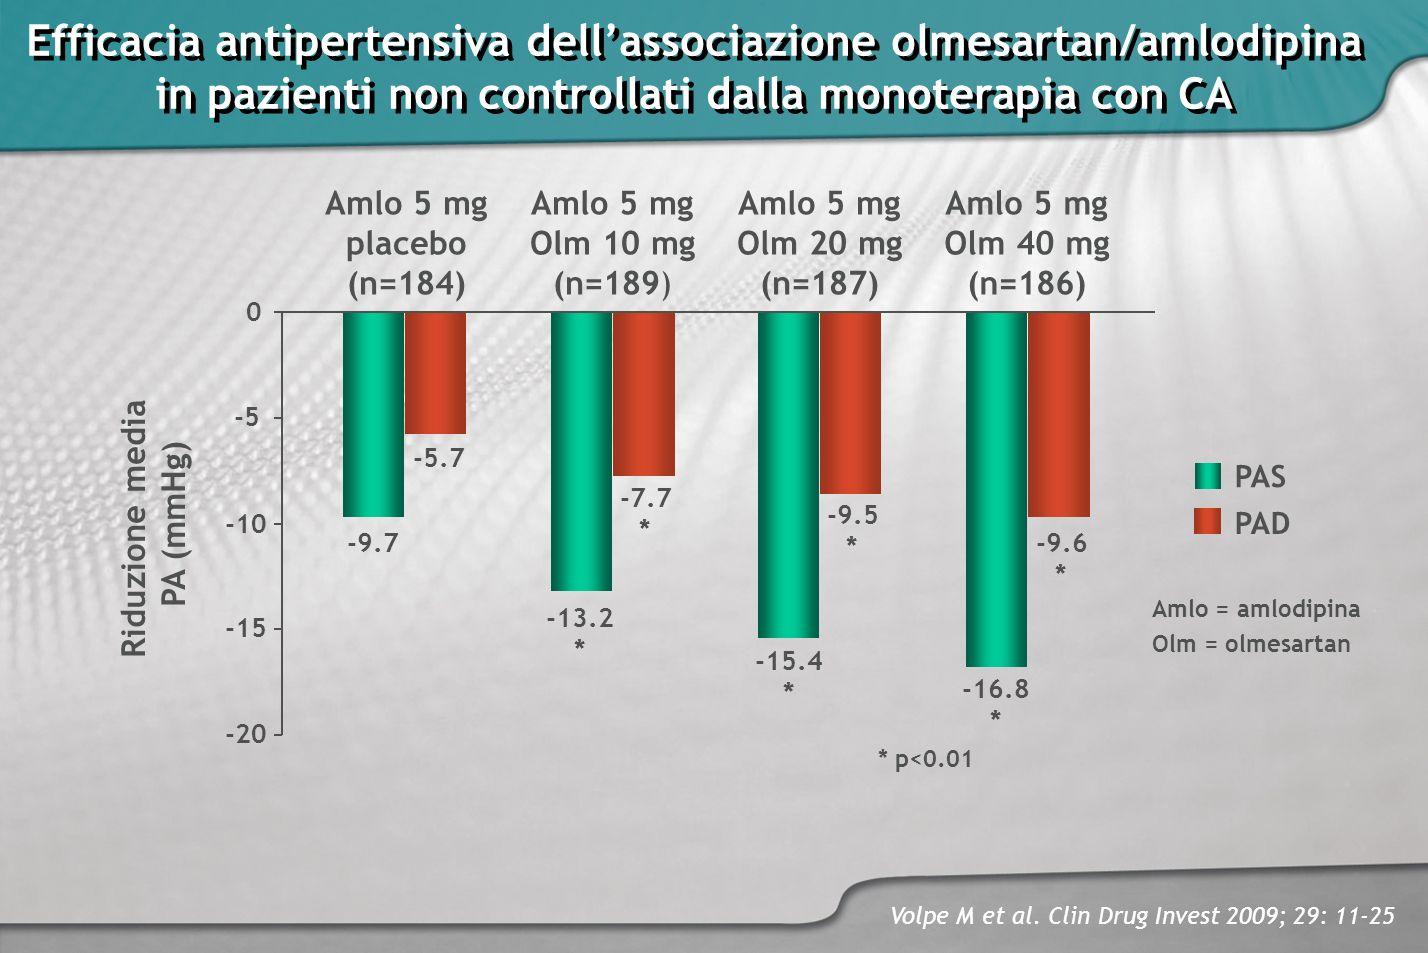 Efficacia antipertensiva dellassociazione olmesartan/amlodipina in pazienti non controllati dalla monoterapia con CA Efficacia antipertensiva dellasso